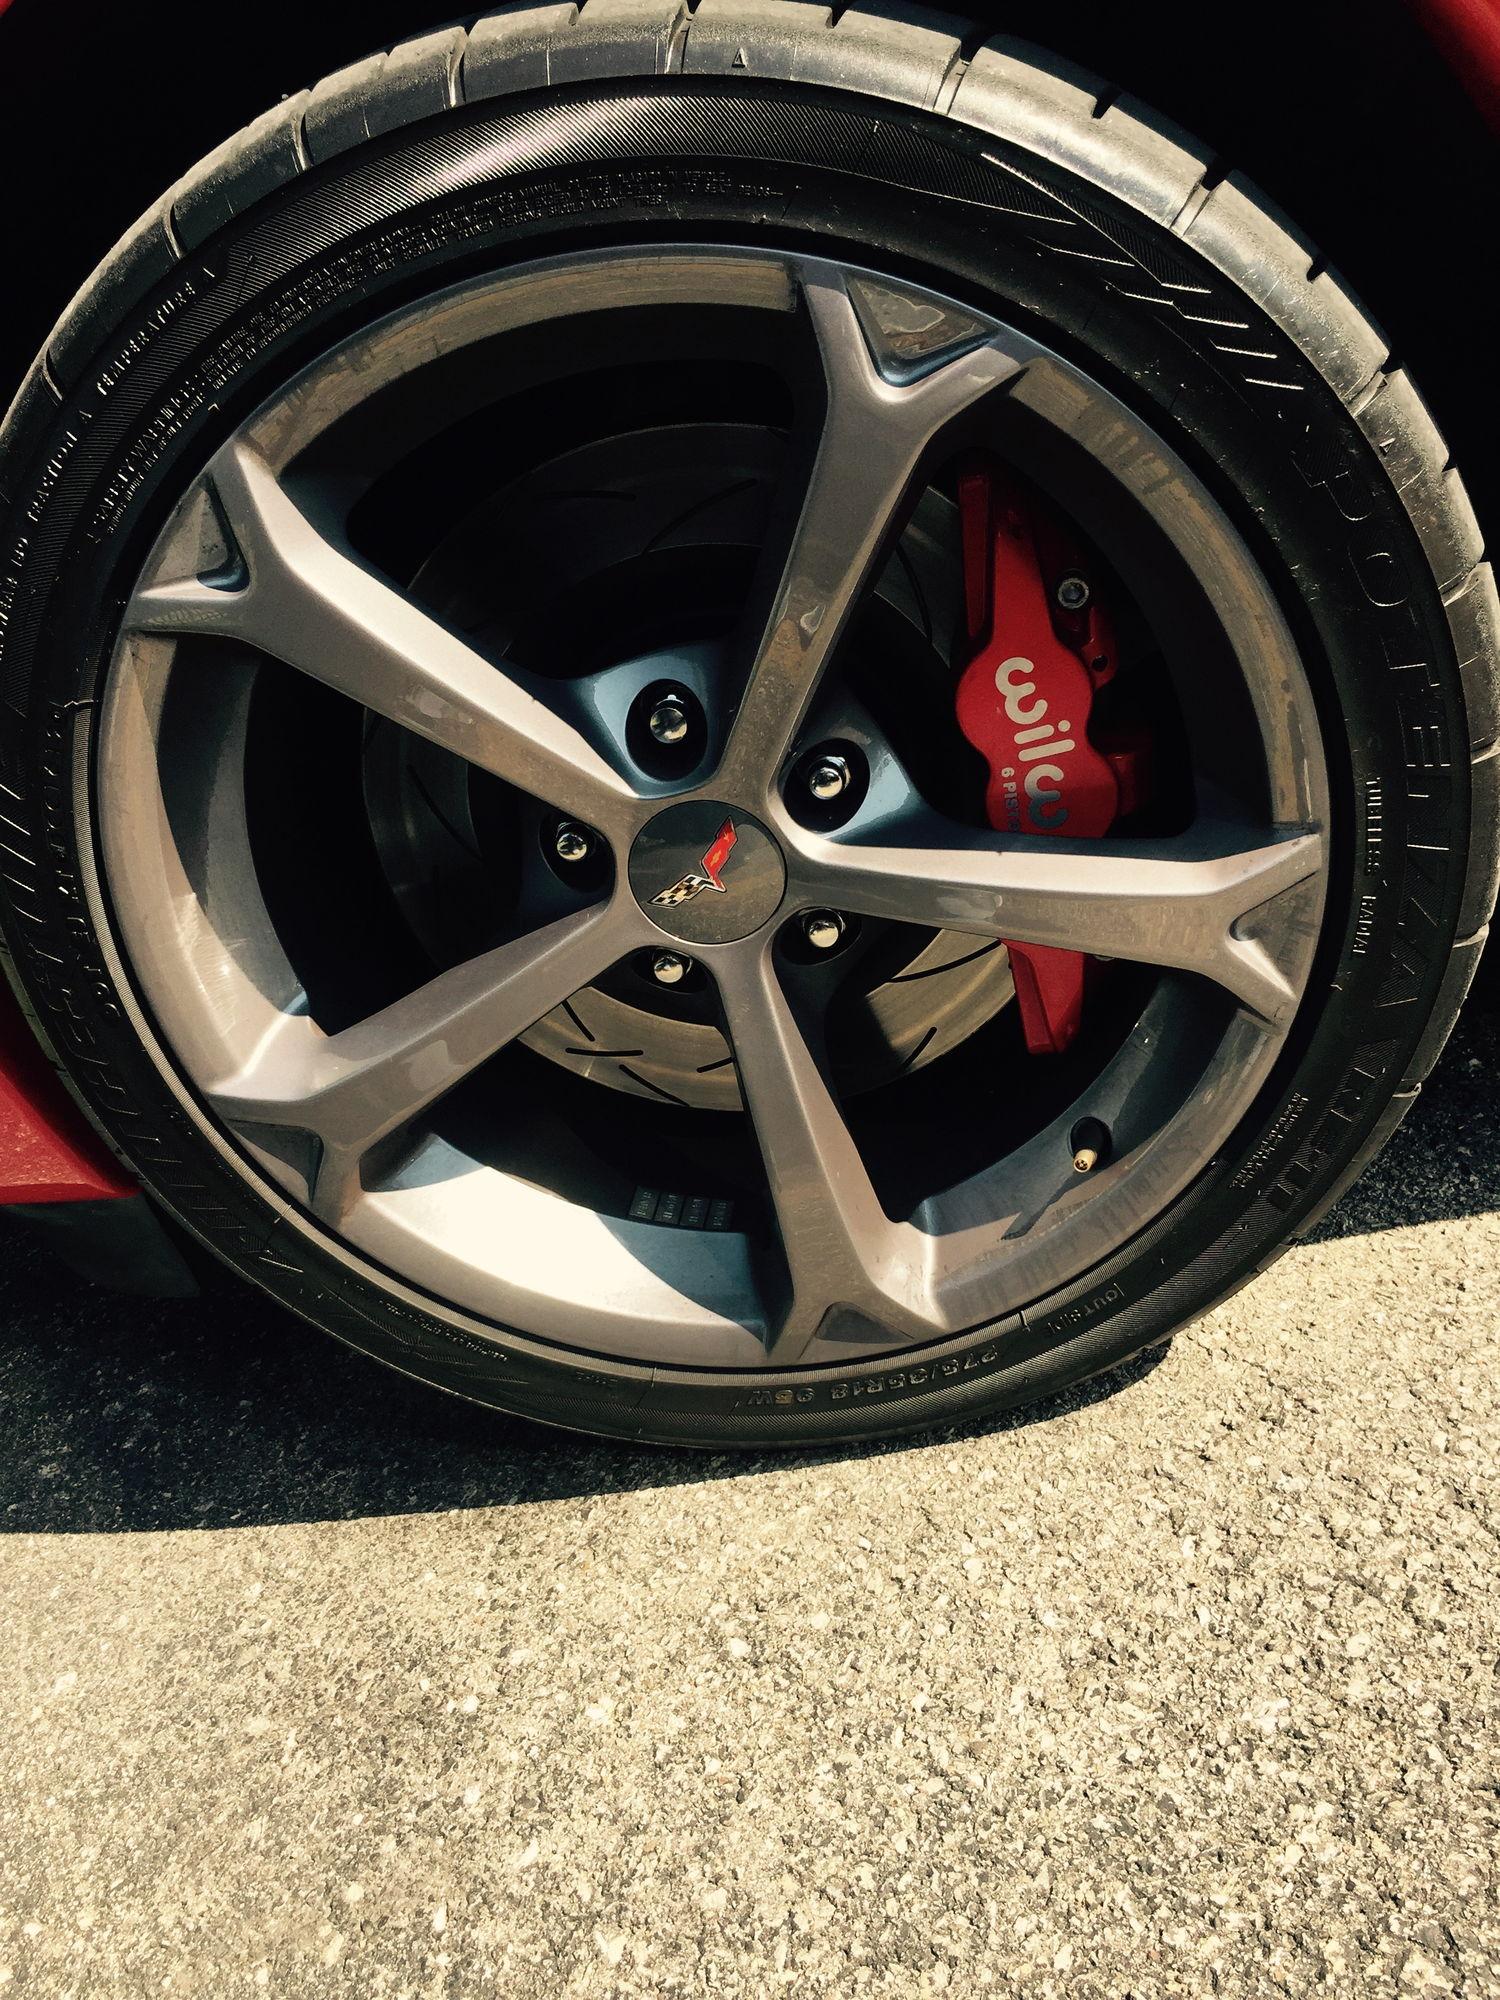 C5 Corvette Hawk Brake Pads >> Wilwood Aero 6 brake kit - installed and review - CorvetteForum - Chevrolet Corvette Forum ...